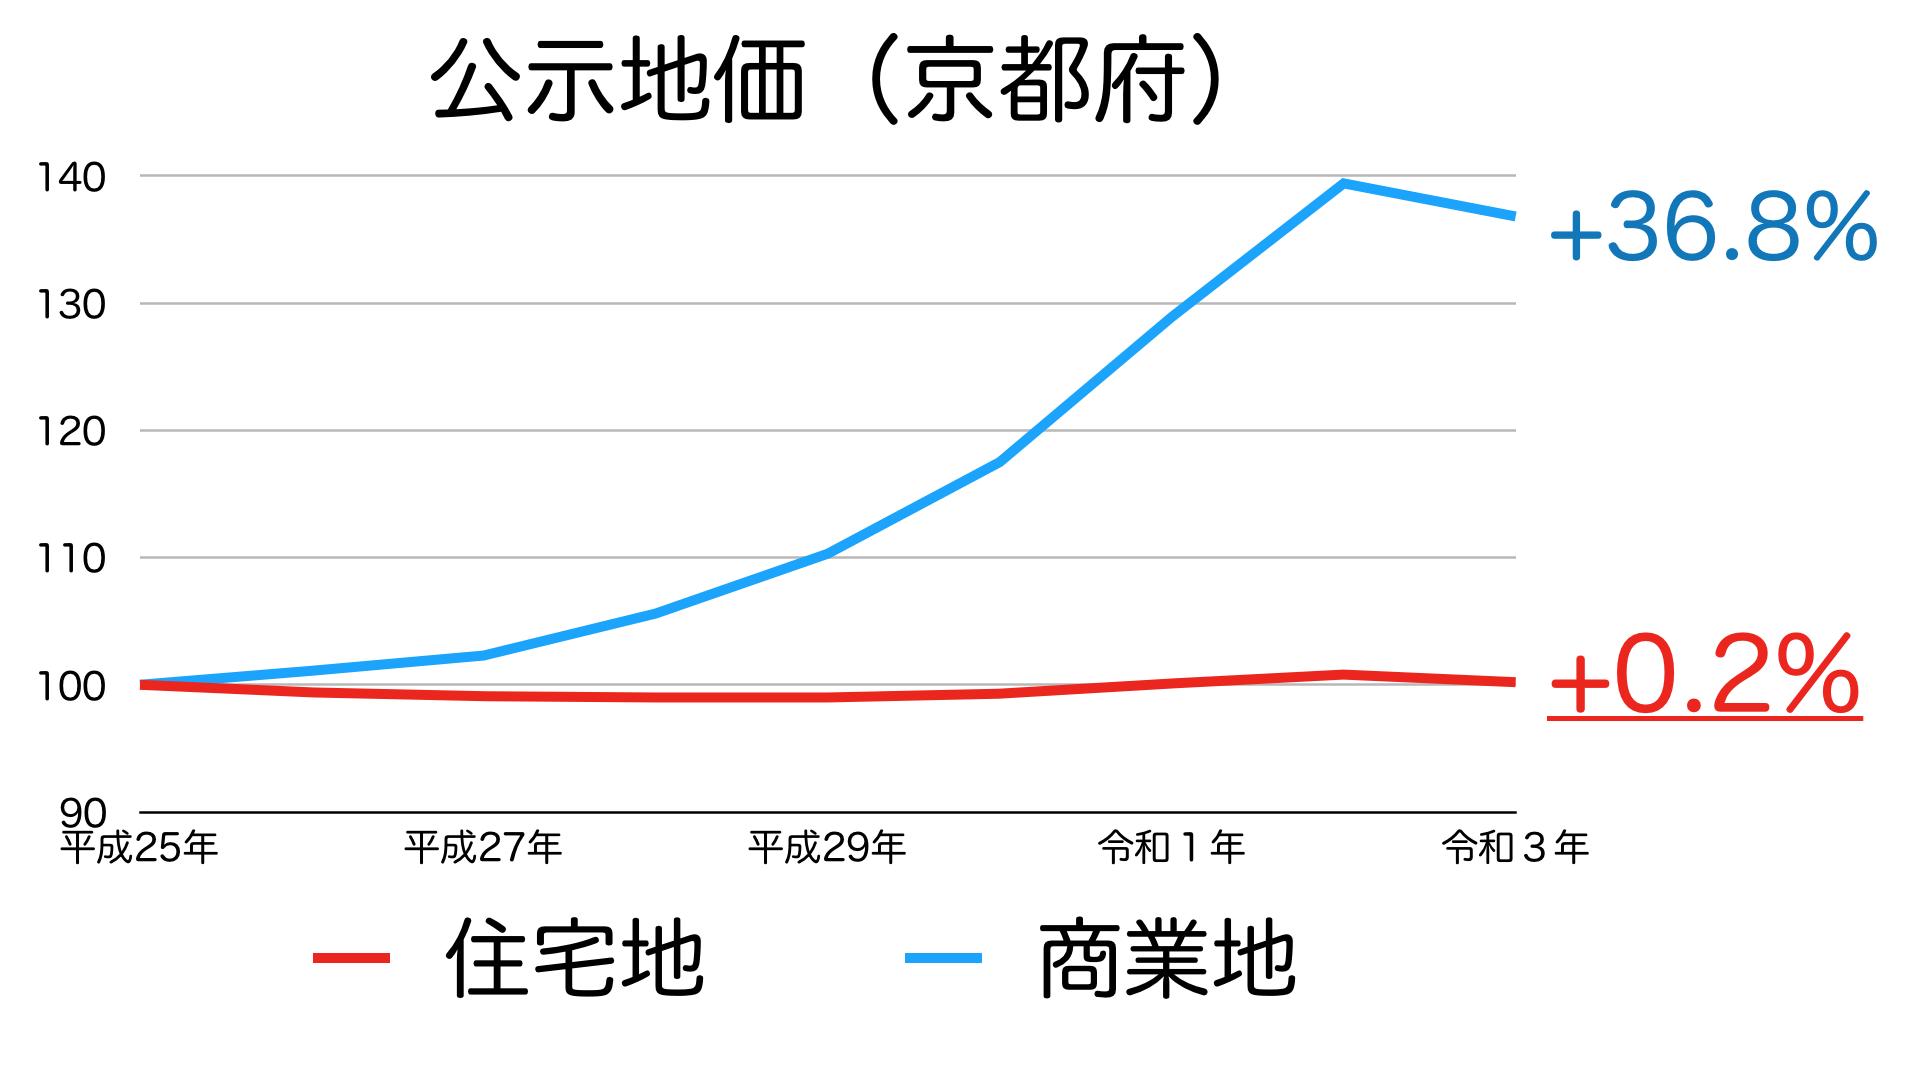 京都府の土地価格の推移